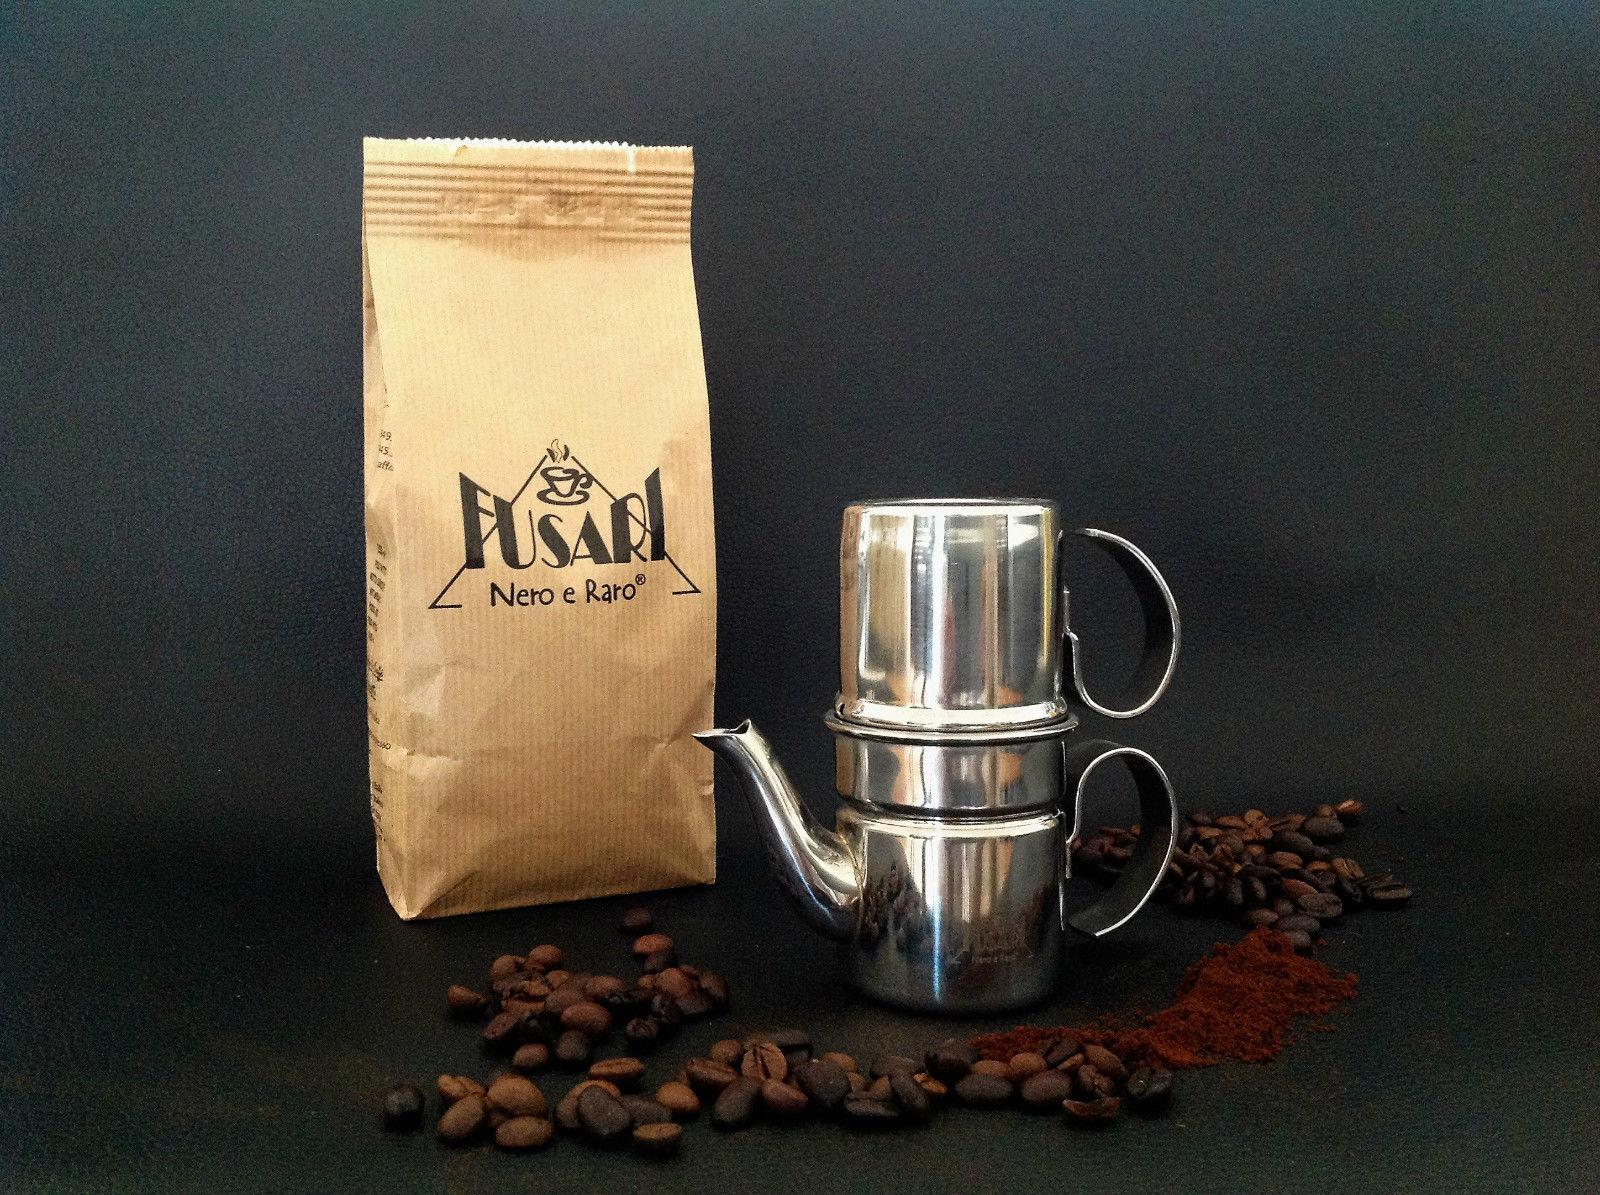 És talán a nekem legjobban tetsző verzió. Formájában ez hasonlít leginkább az eredetire, csak már modern megmunkálással és anyagokból készül. A caffefusari.it-től rendelhető, 56EUR áron.